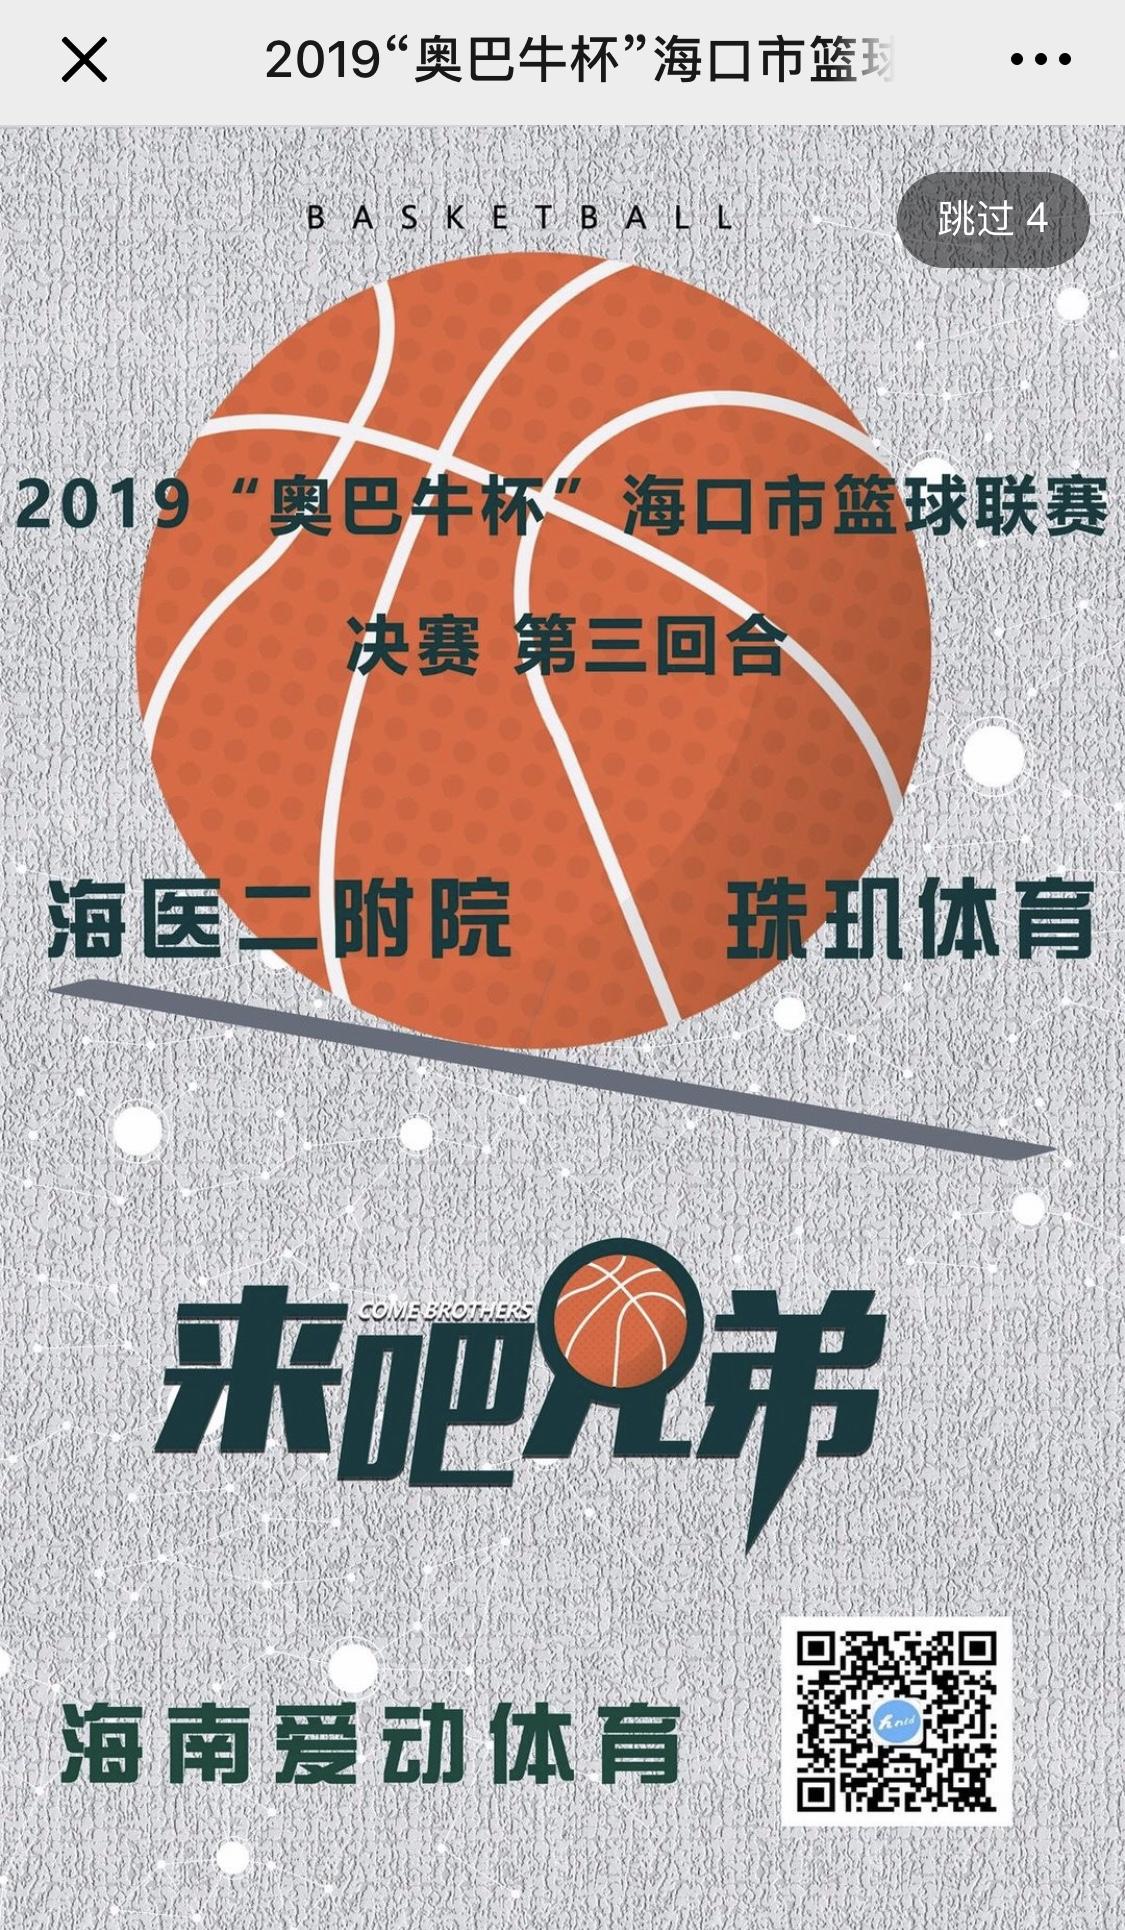 因台风转场珠玑体育馆 爱动今晚直播海口篮球联赛决赛第三战